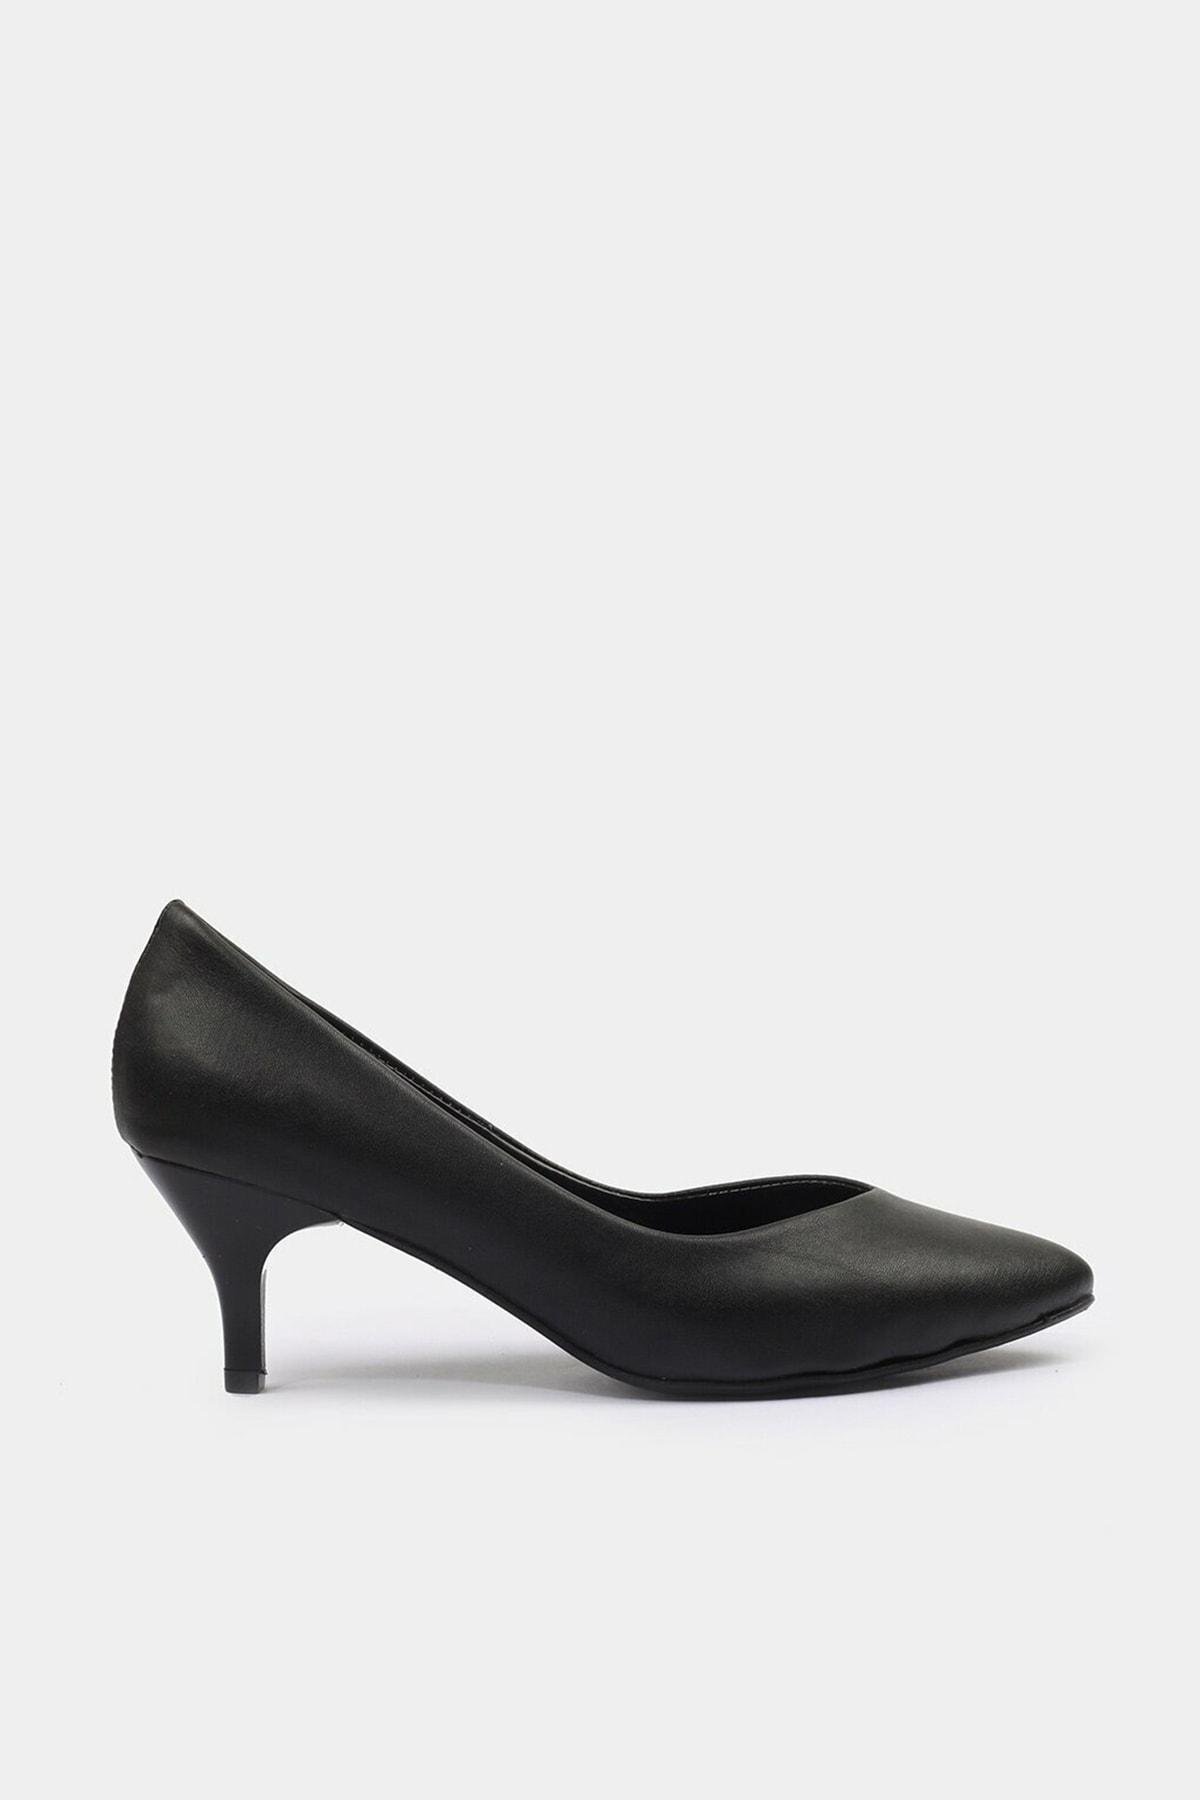 Hotiç Siyah Yaya Kadın Topuklu Ayakkabı 0